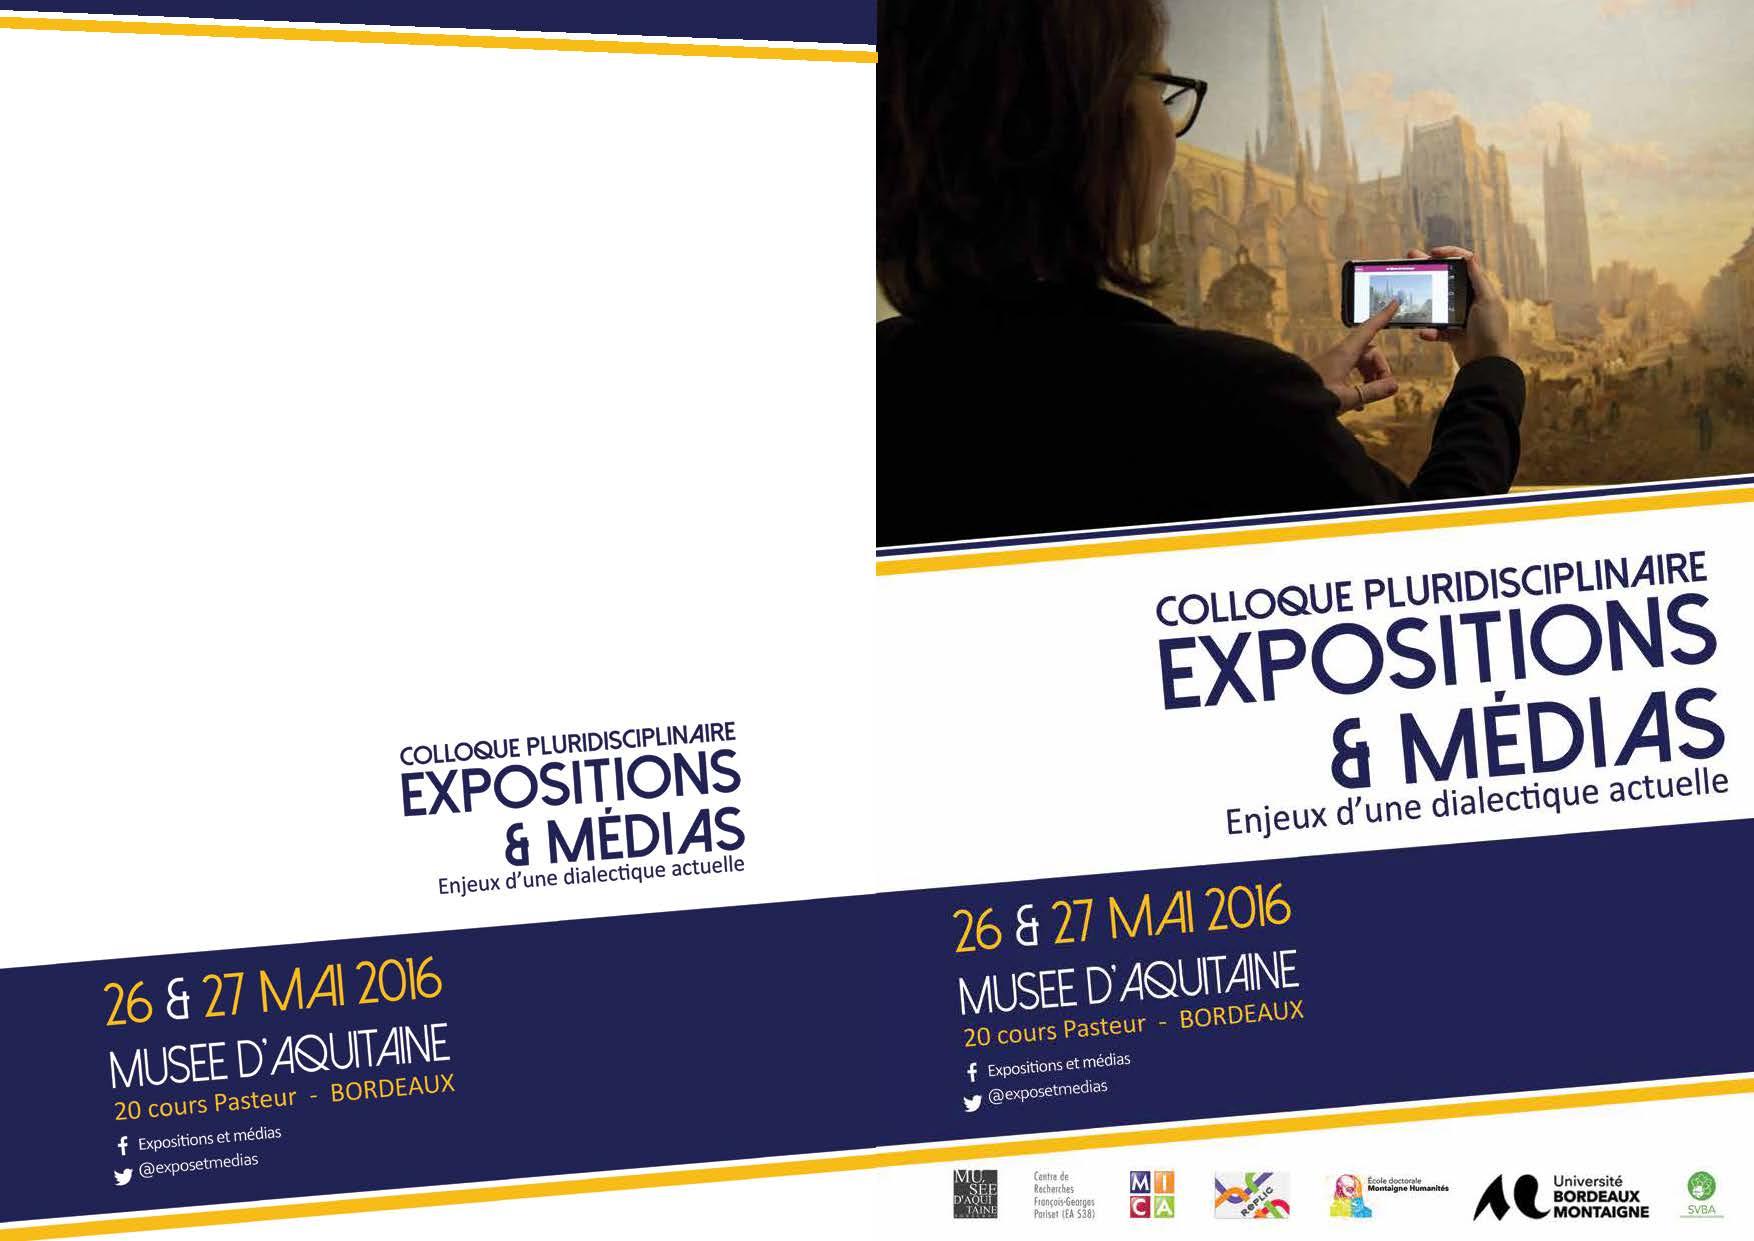 Programme Colloque Expositions et Médias 26 27 mai 2016_Page_1